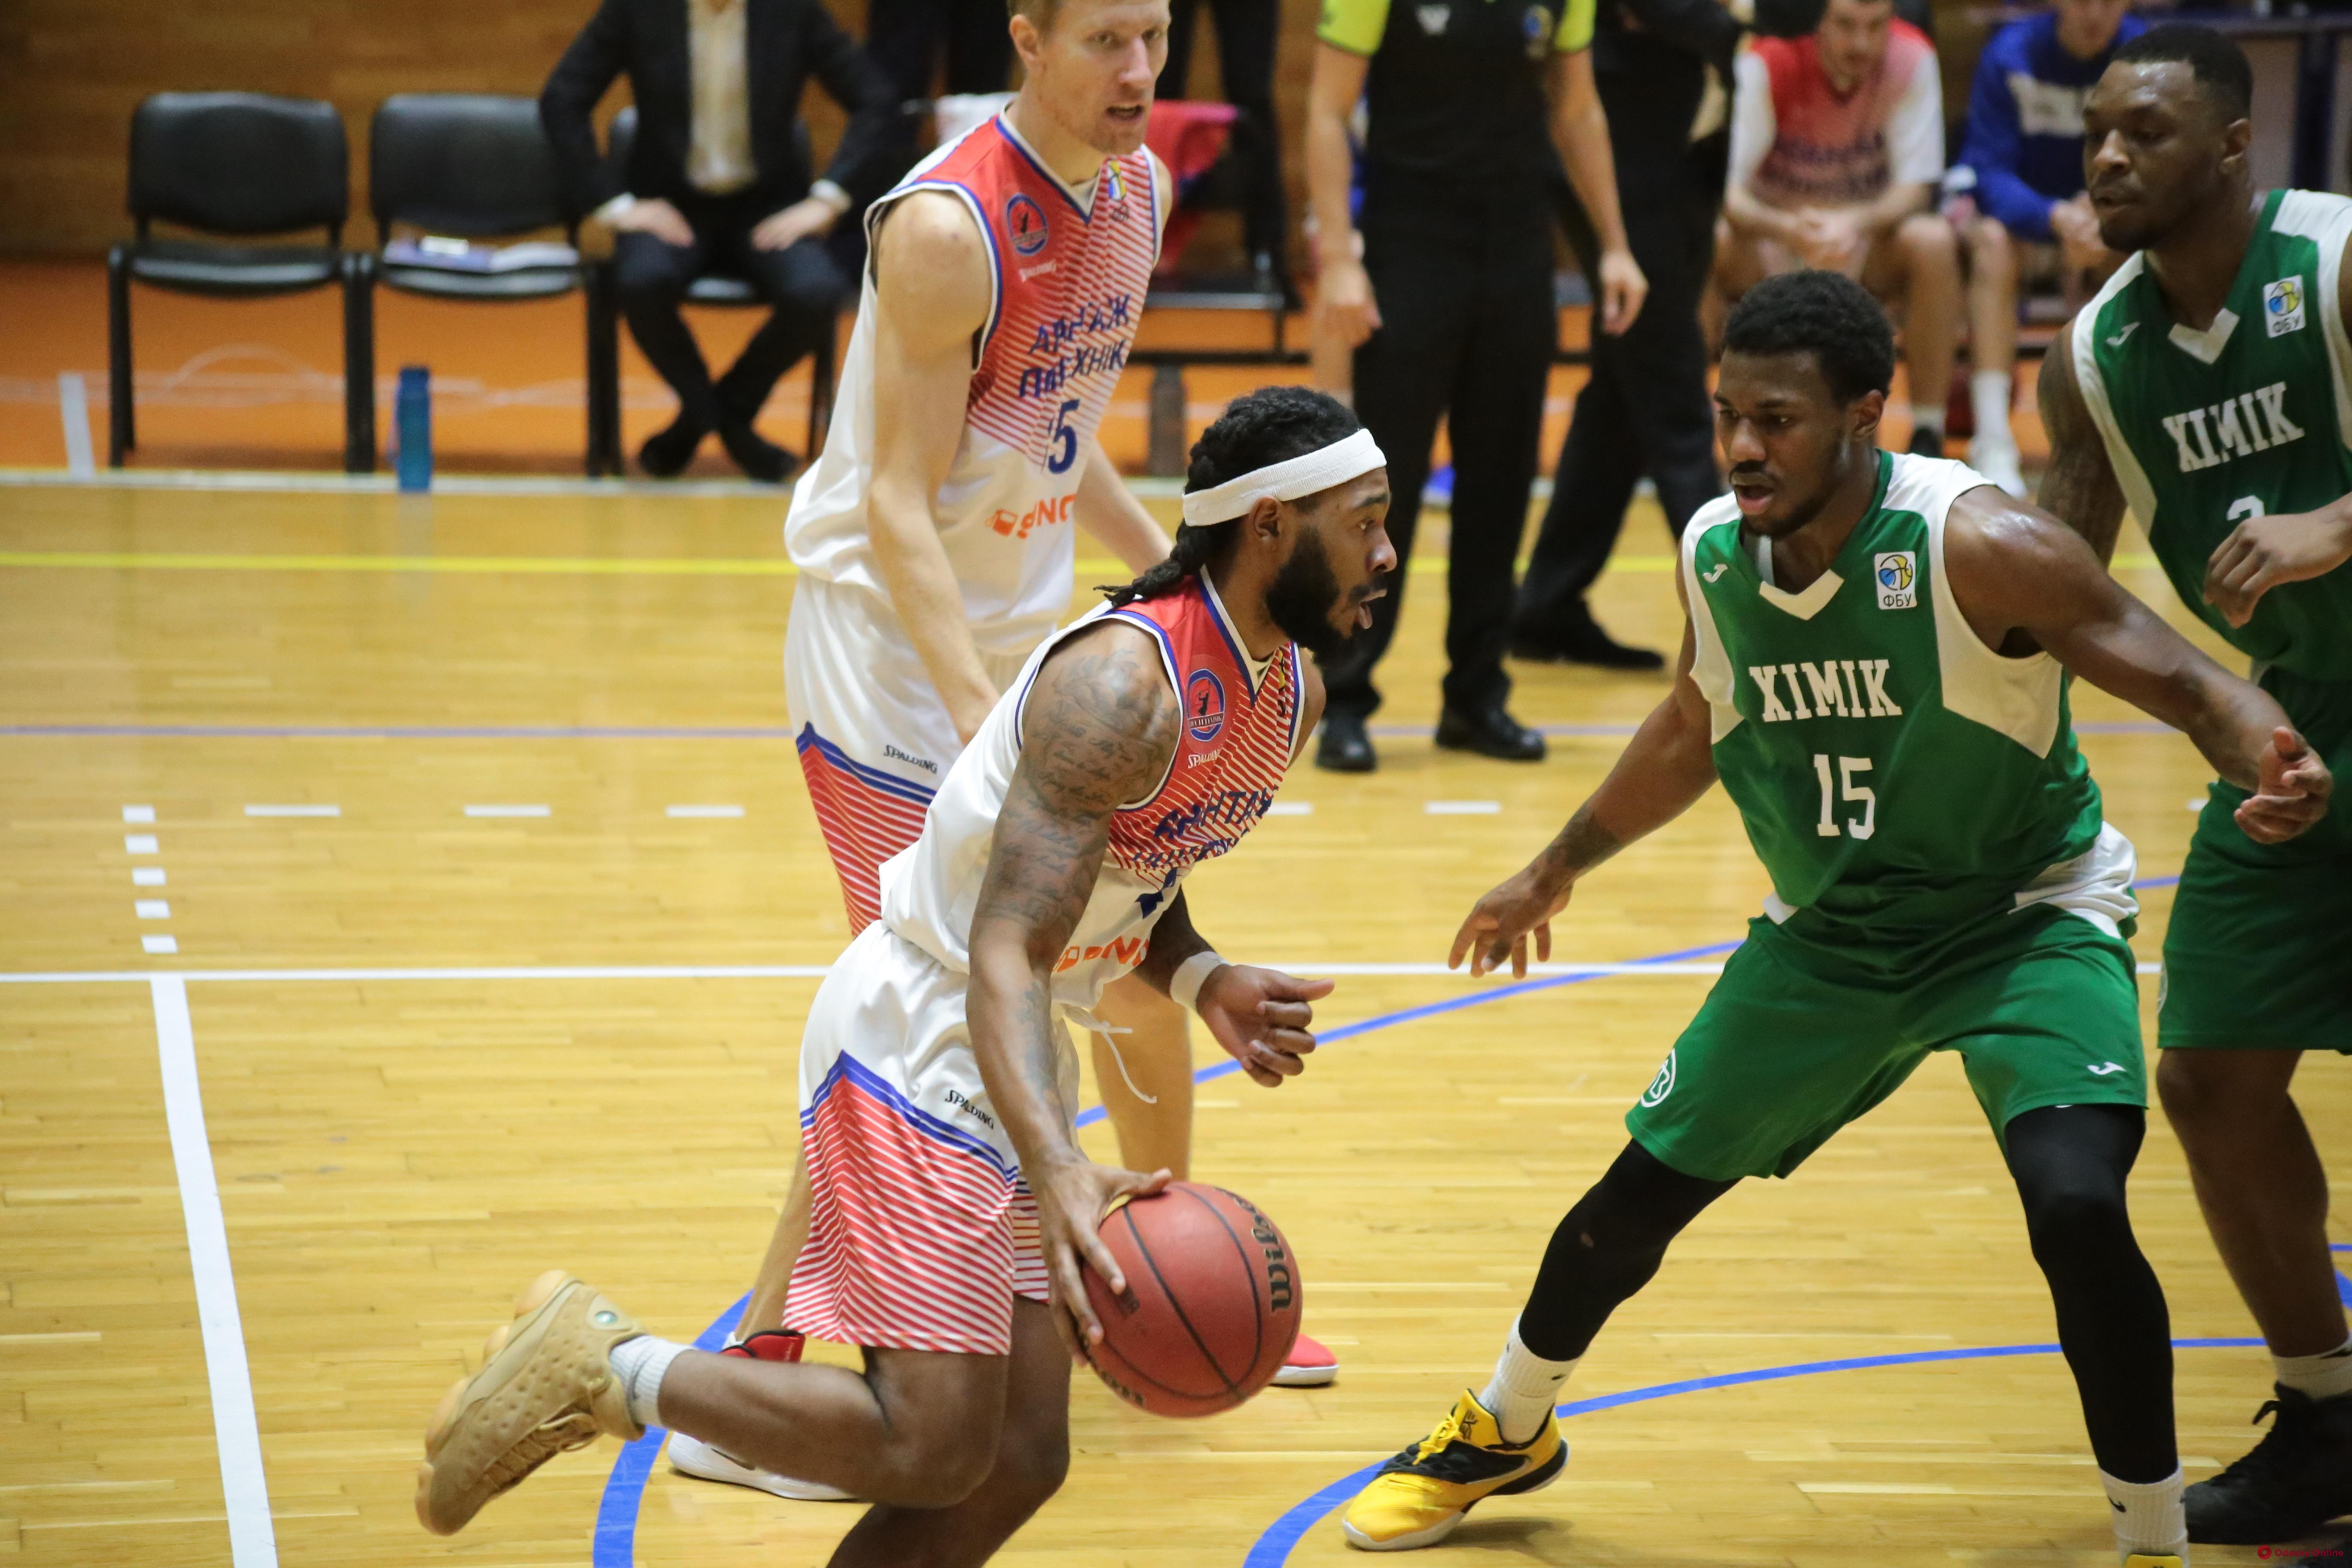 Южненские баскетболисты крупно проиграли в первом четвертьфинале Кубка Украины